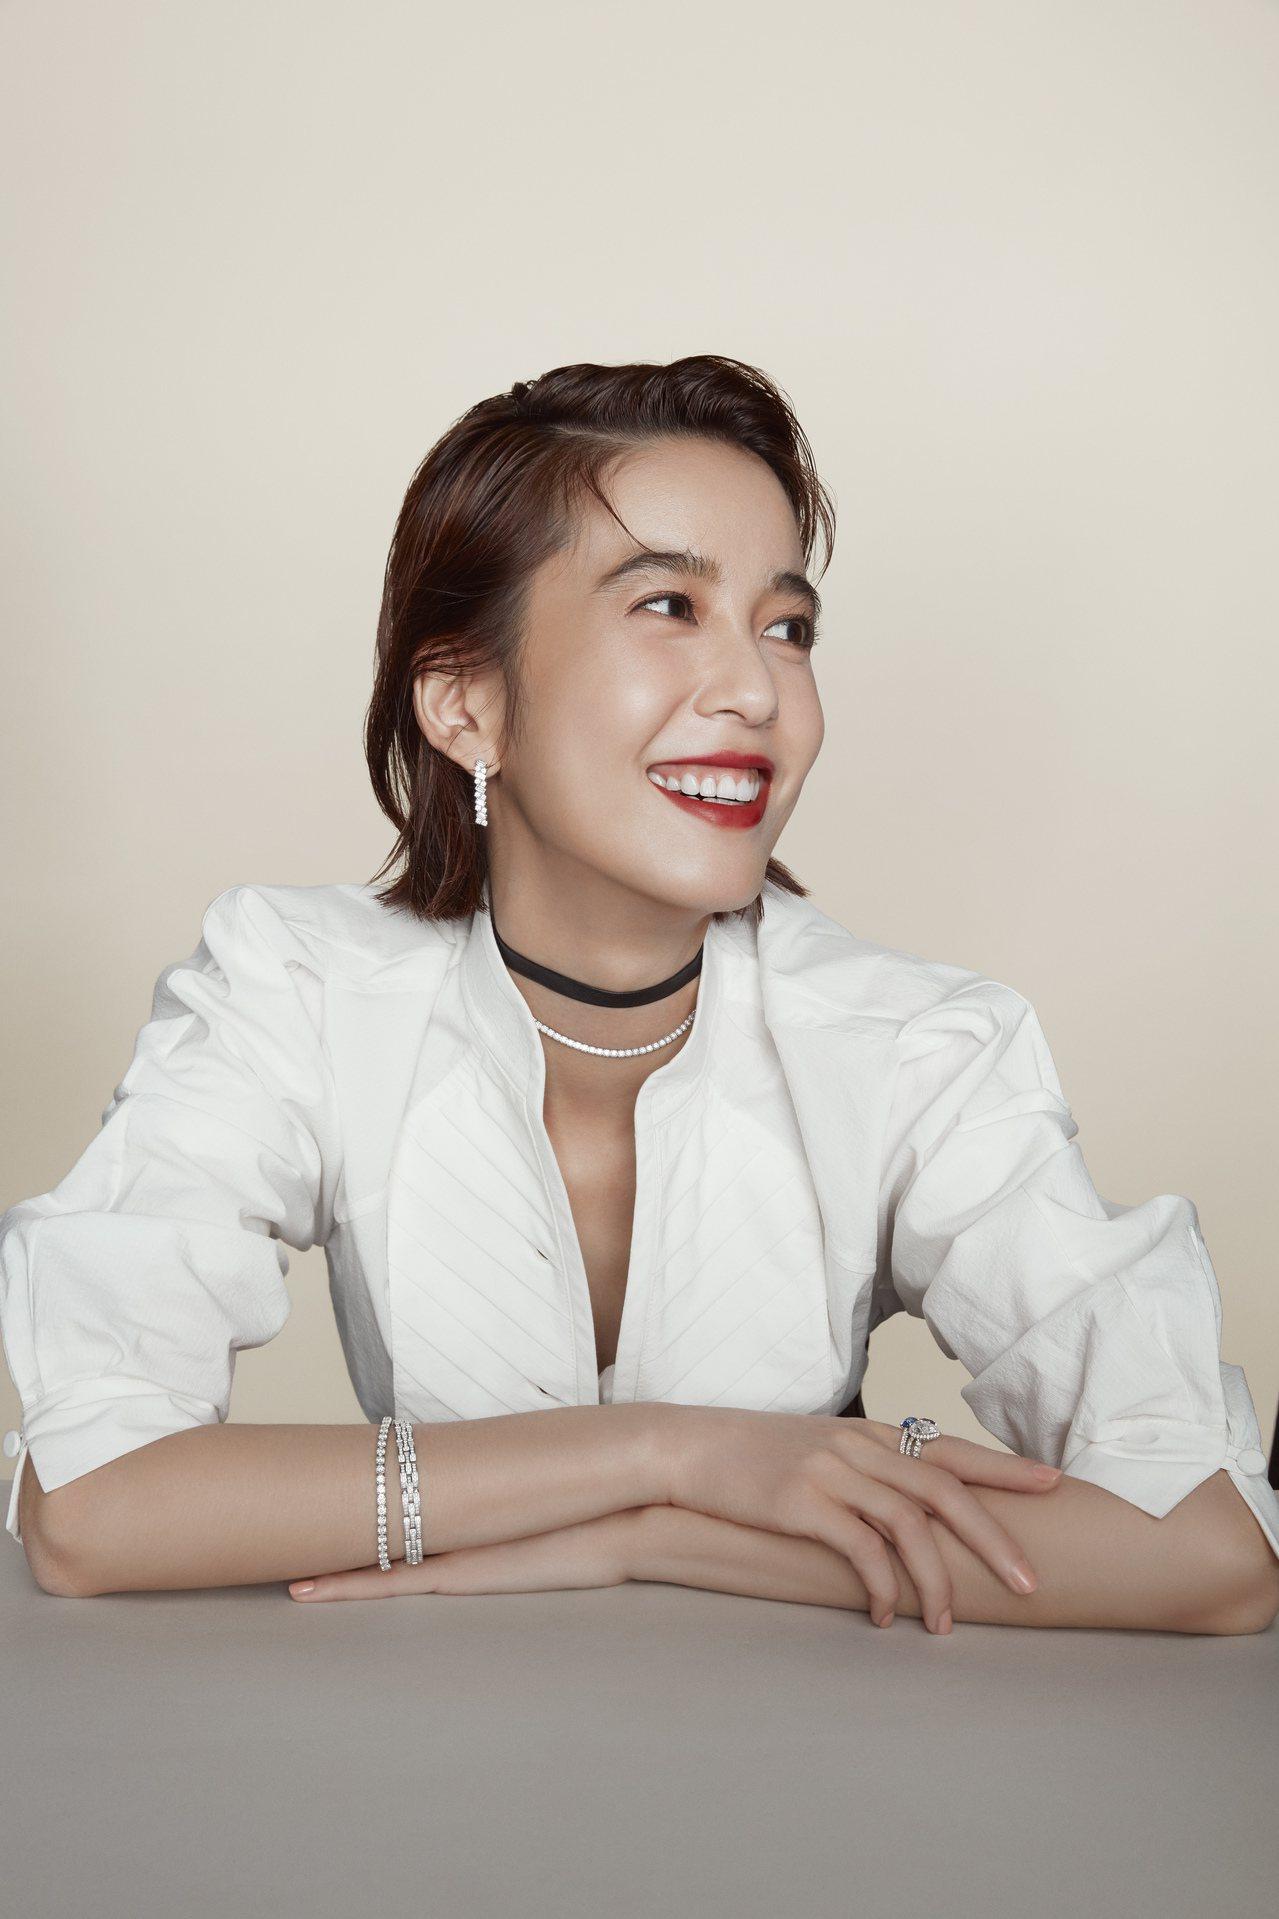 卡地亞珠寶形象大使陳庭妮演繹卡地亞經典鑽石系列珠寶。圖/卡地亞提供